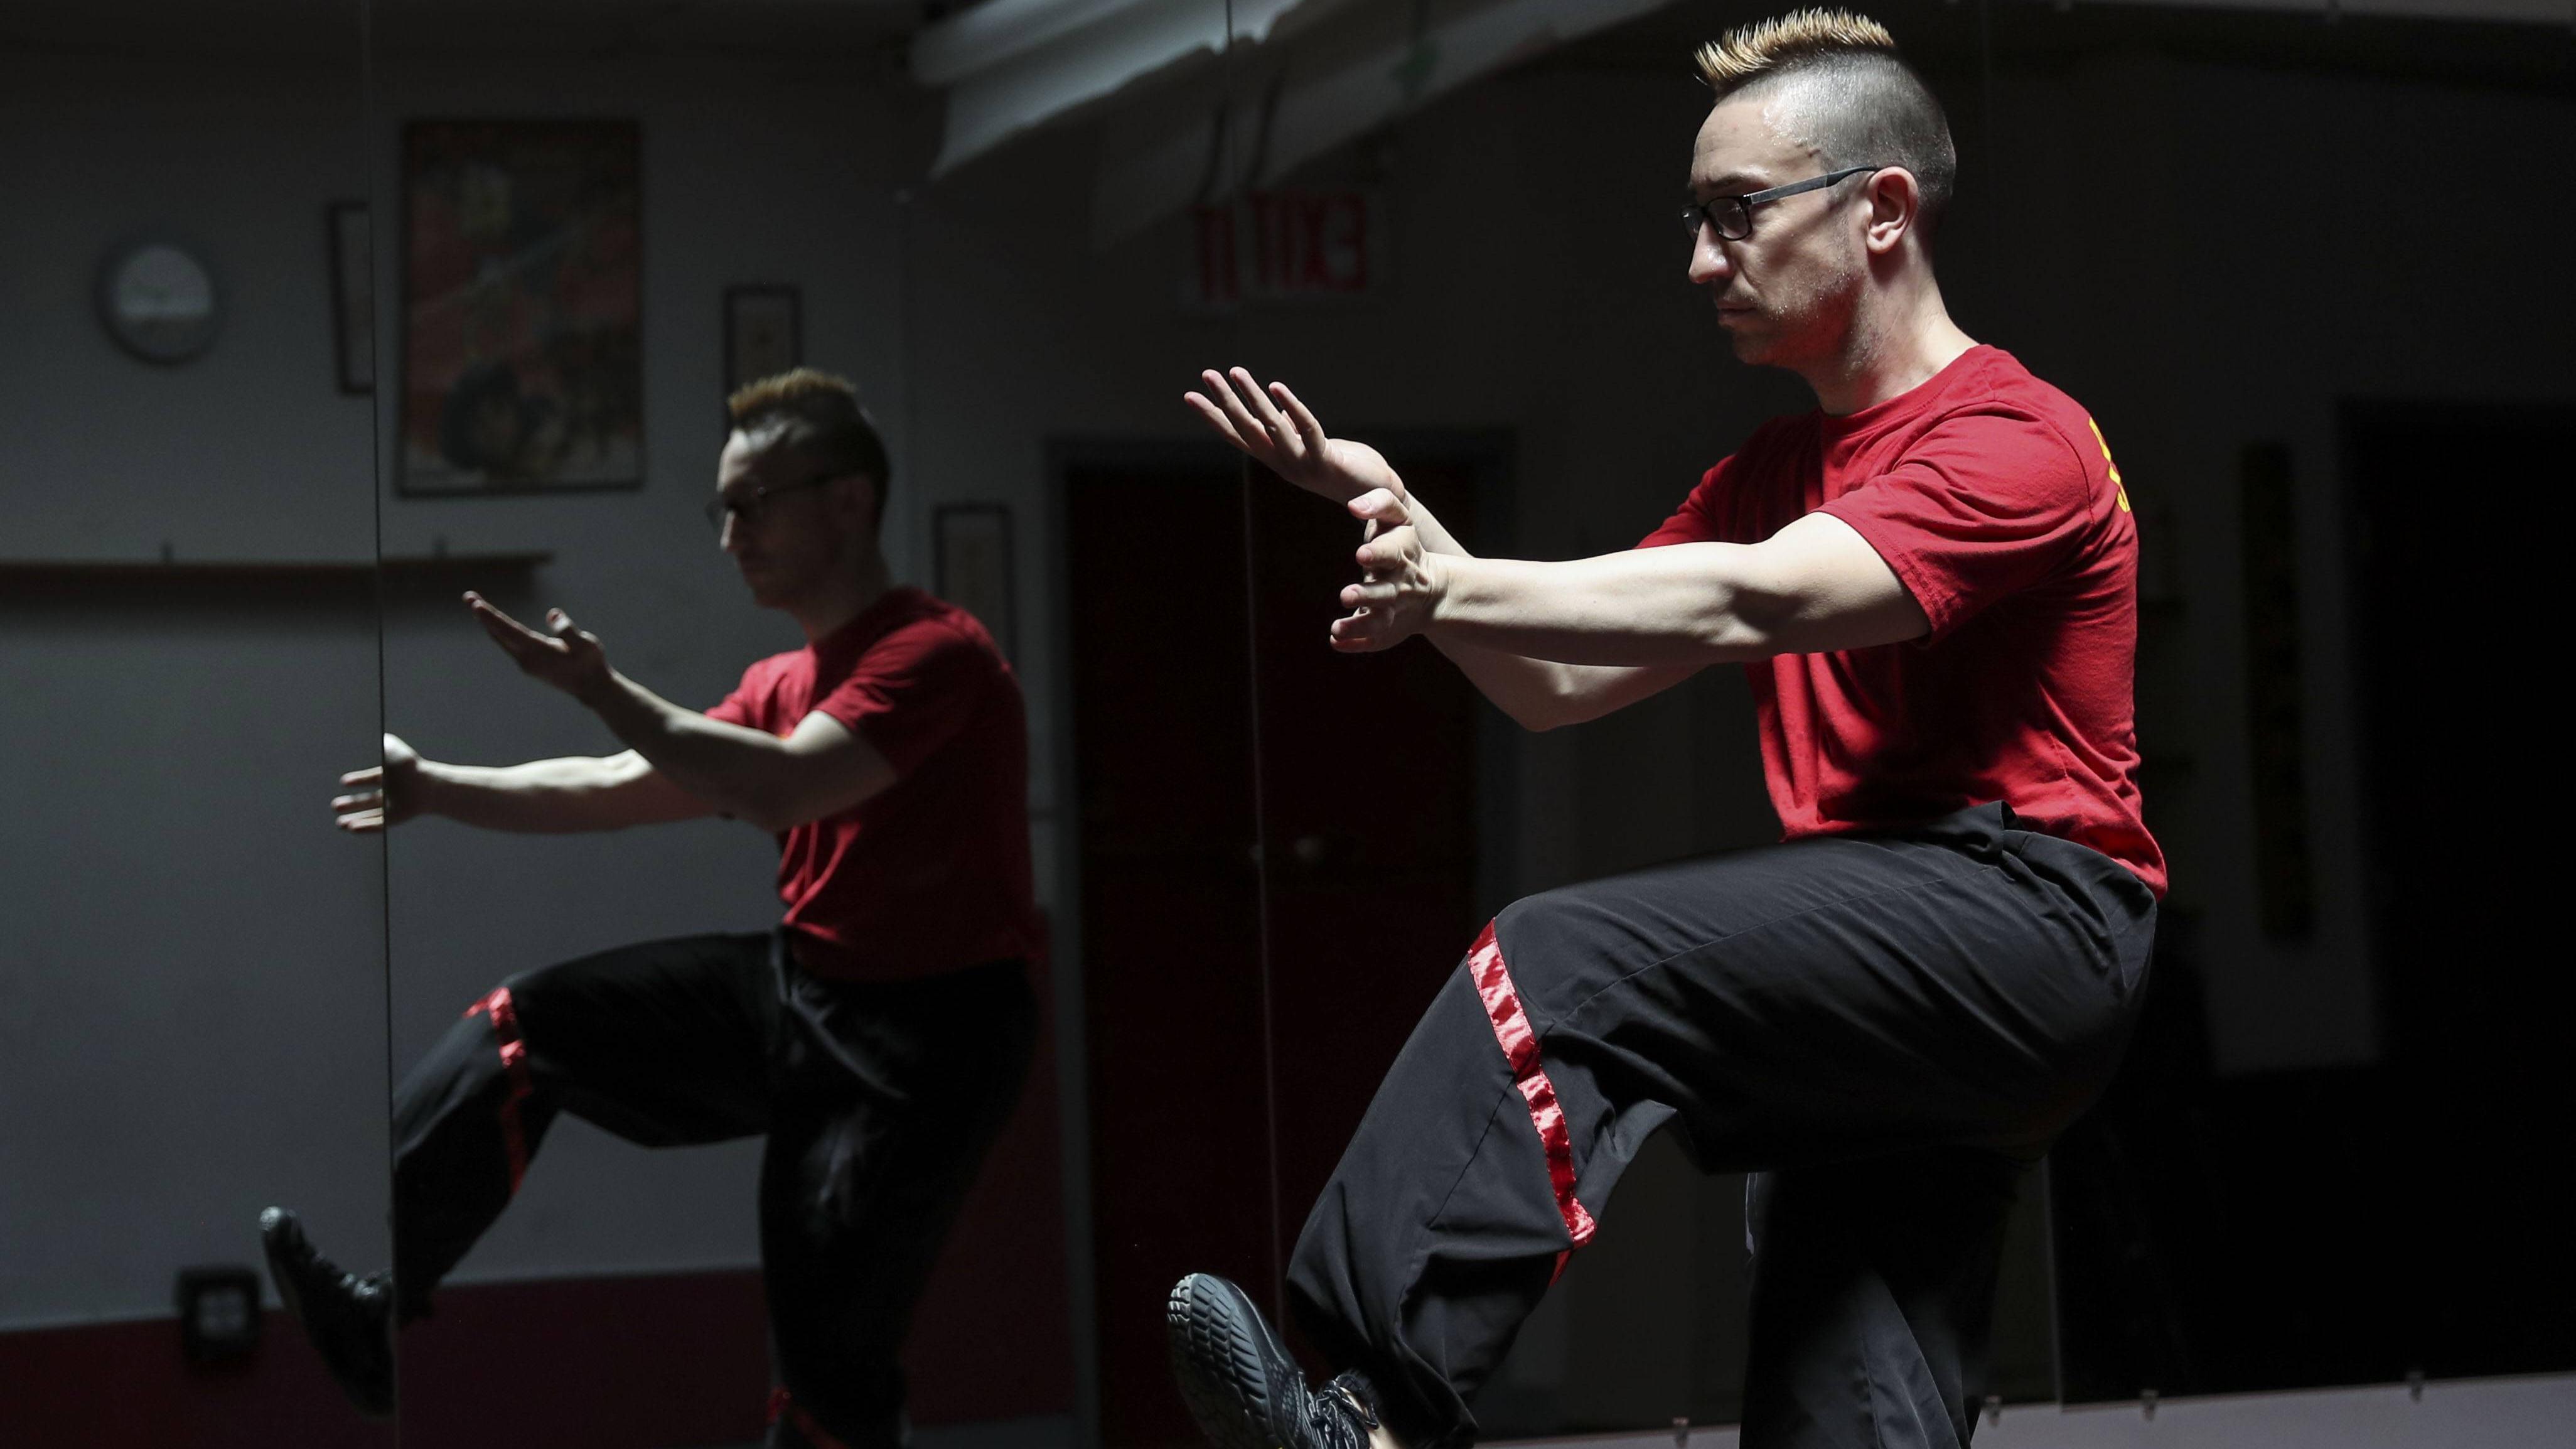 Asiatische Kampfsportart: Welche gibt es? Ein Überblick